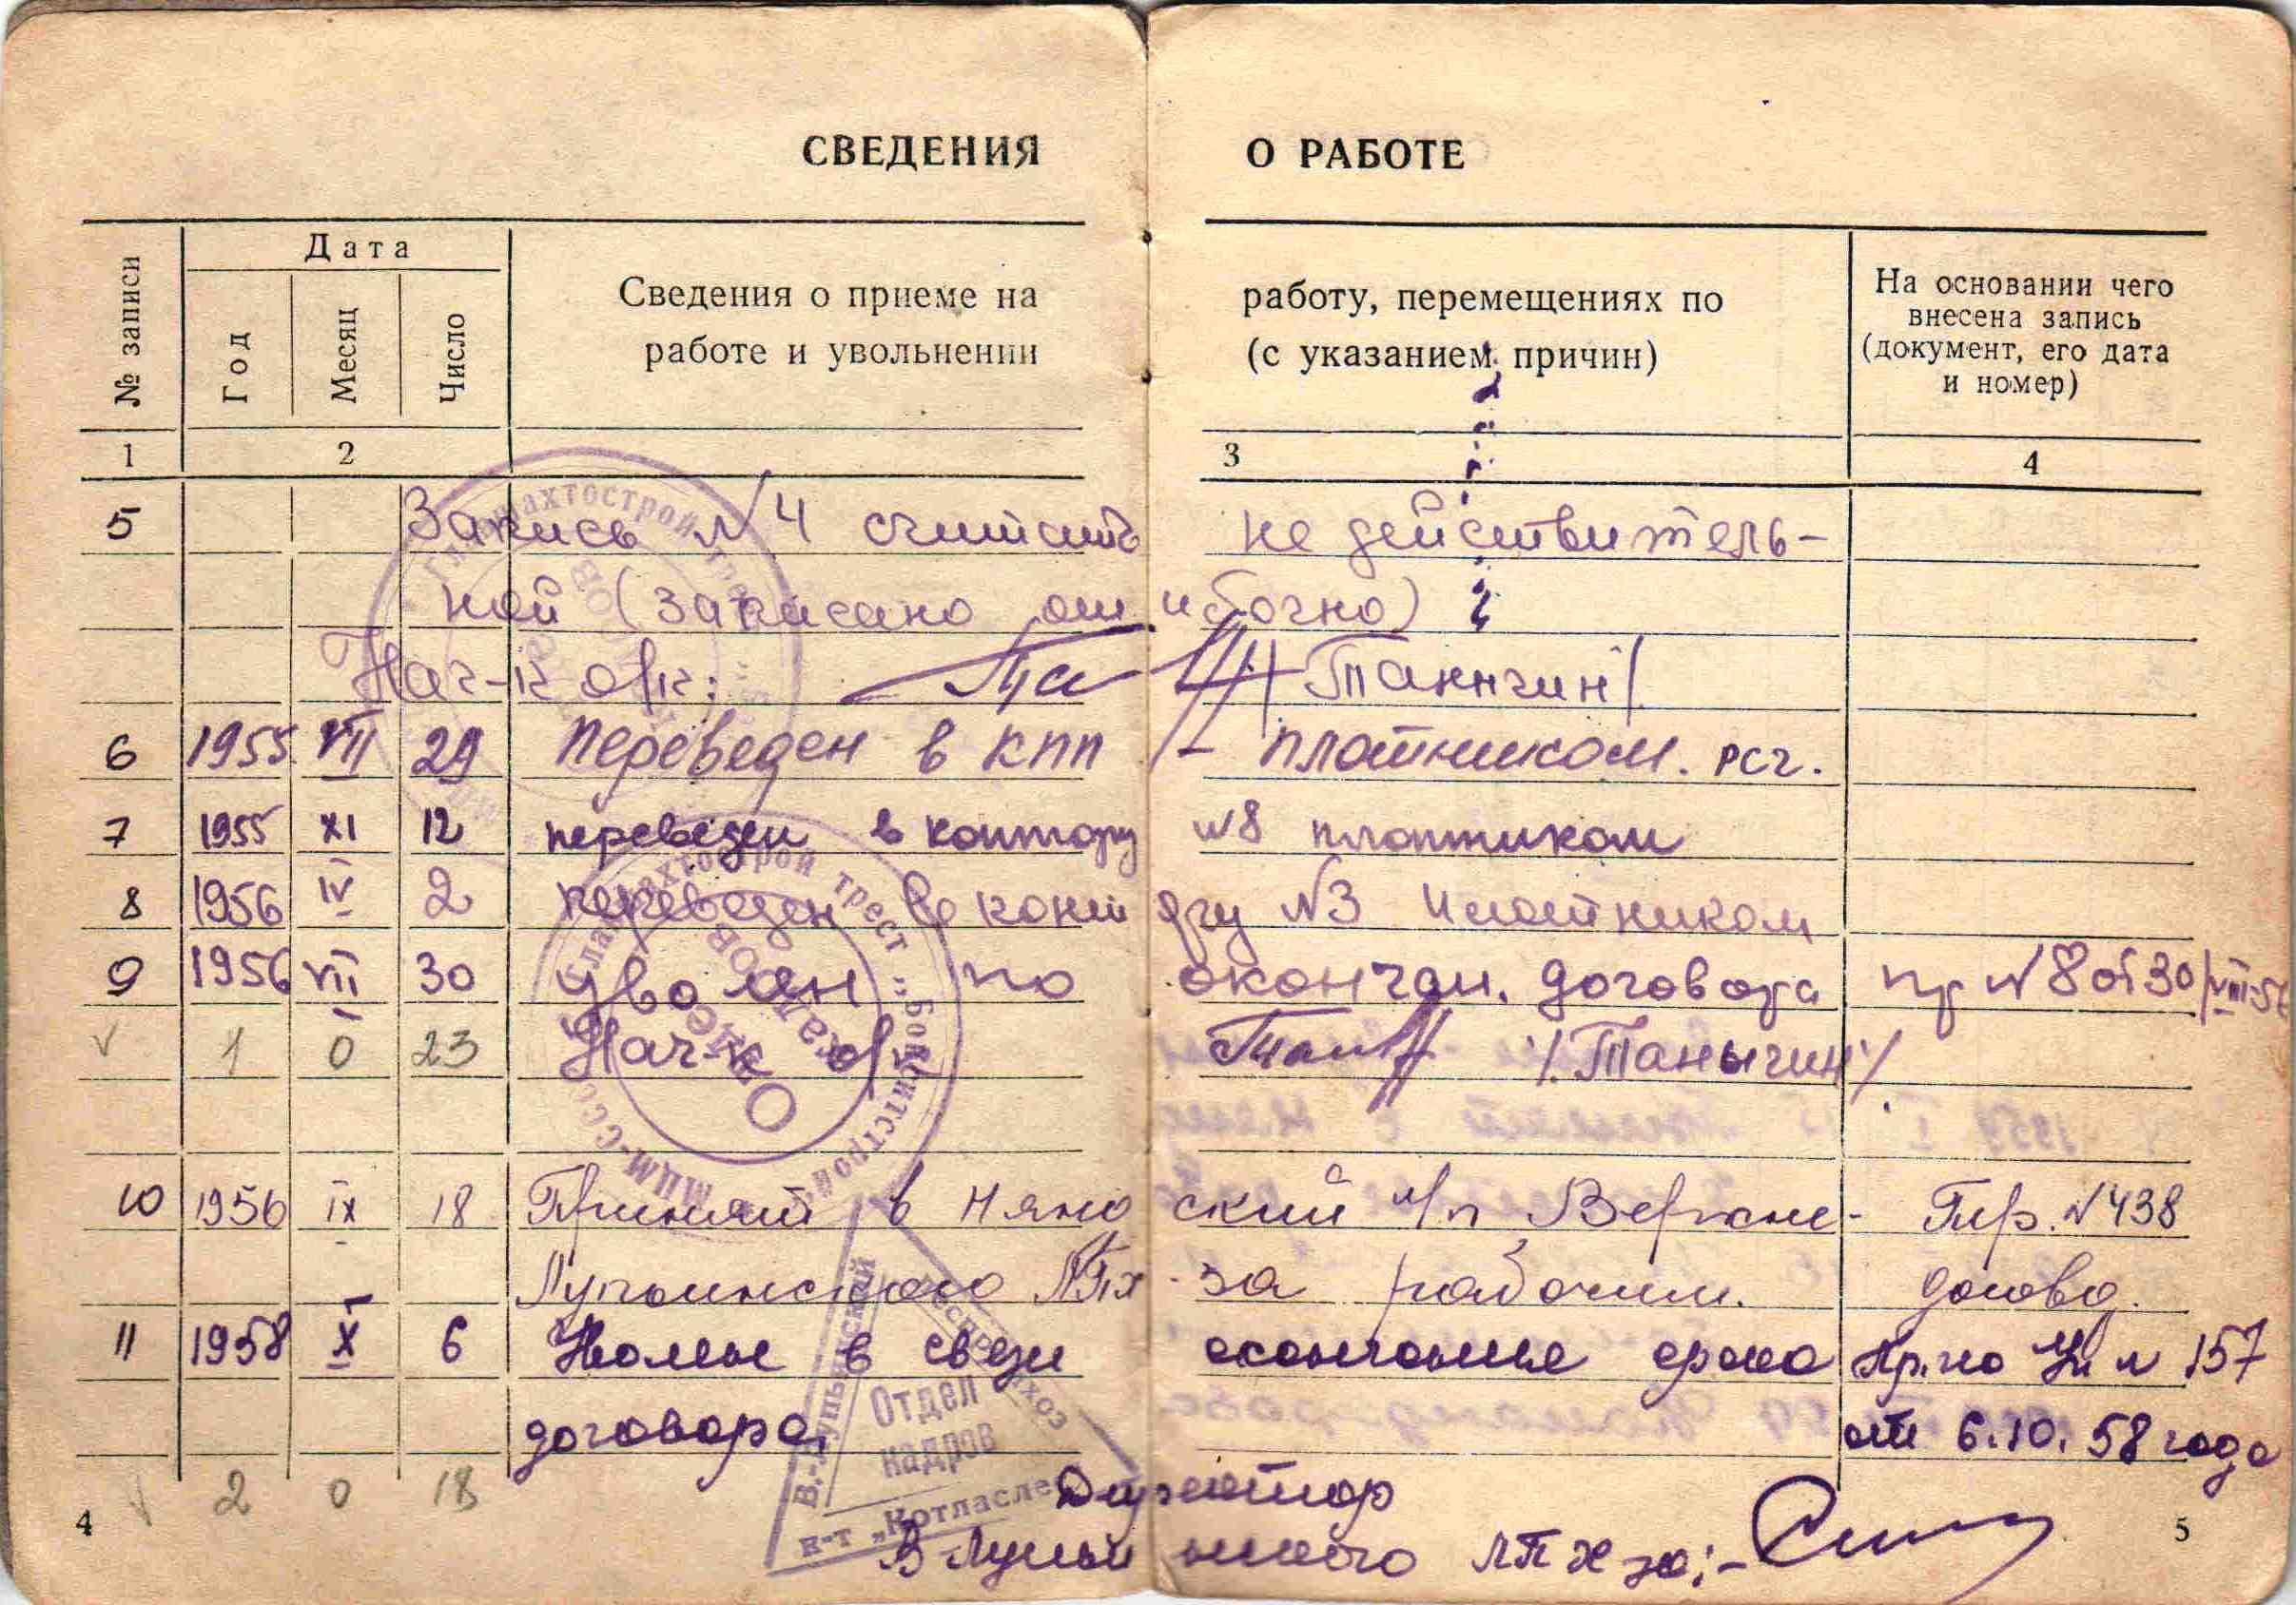 3. Трудовая книжка, 1954г.